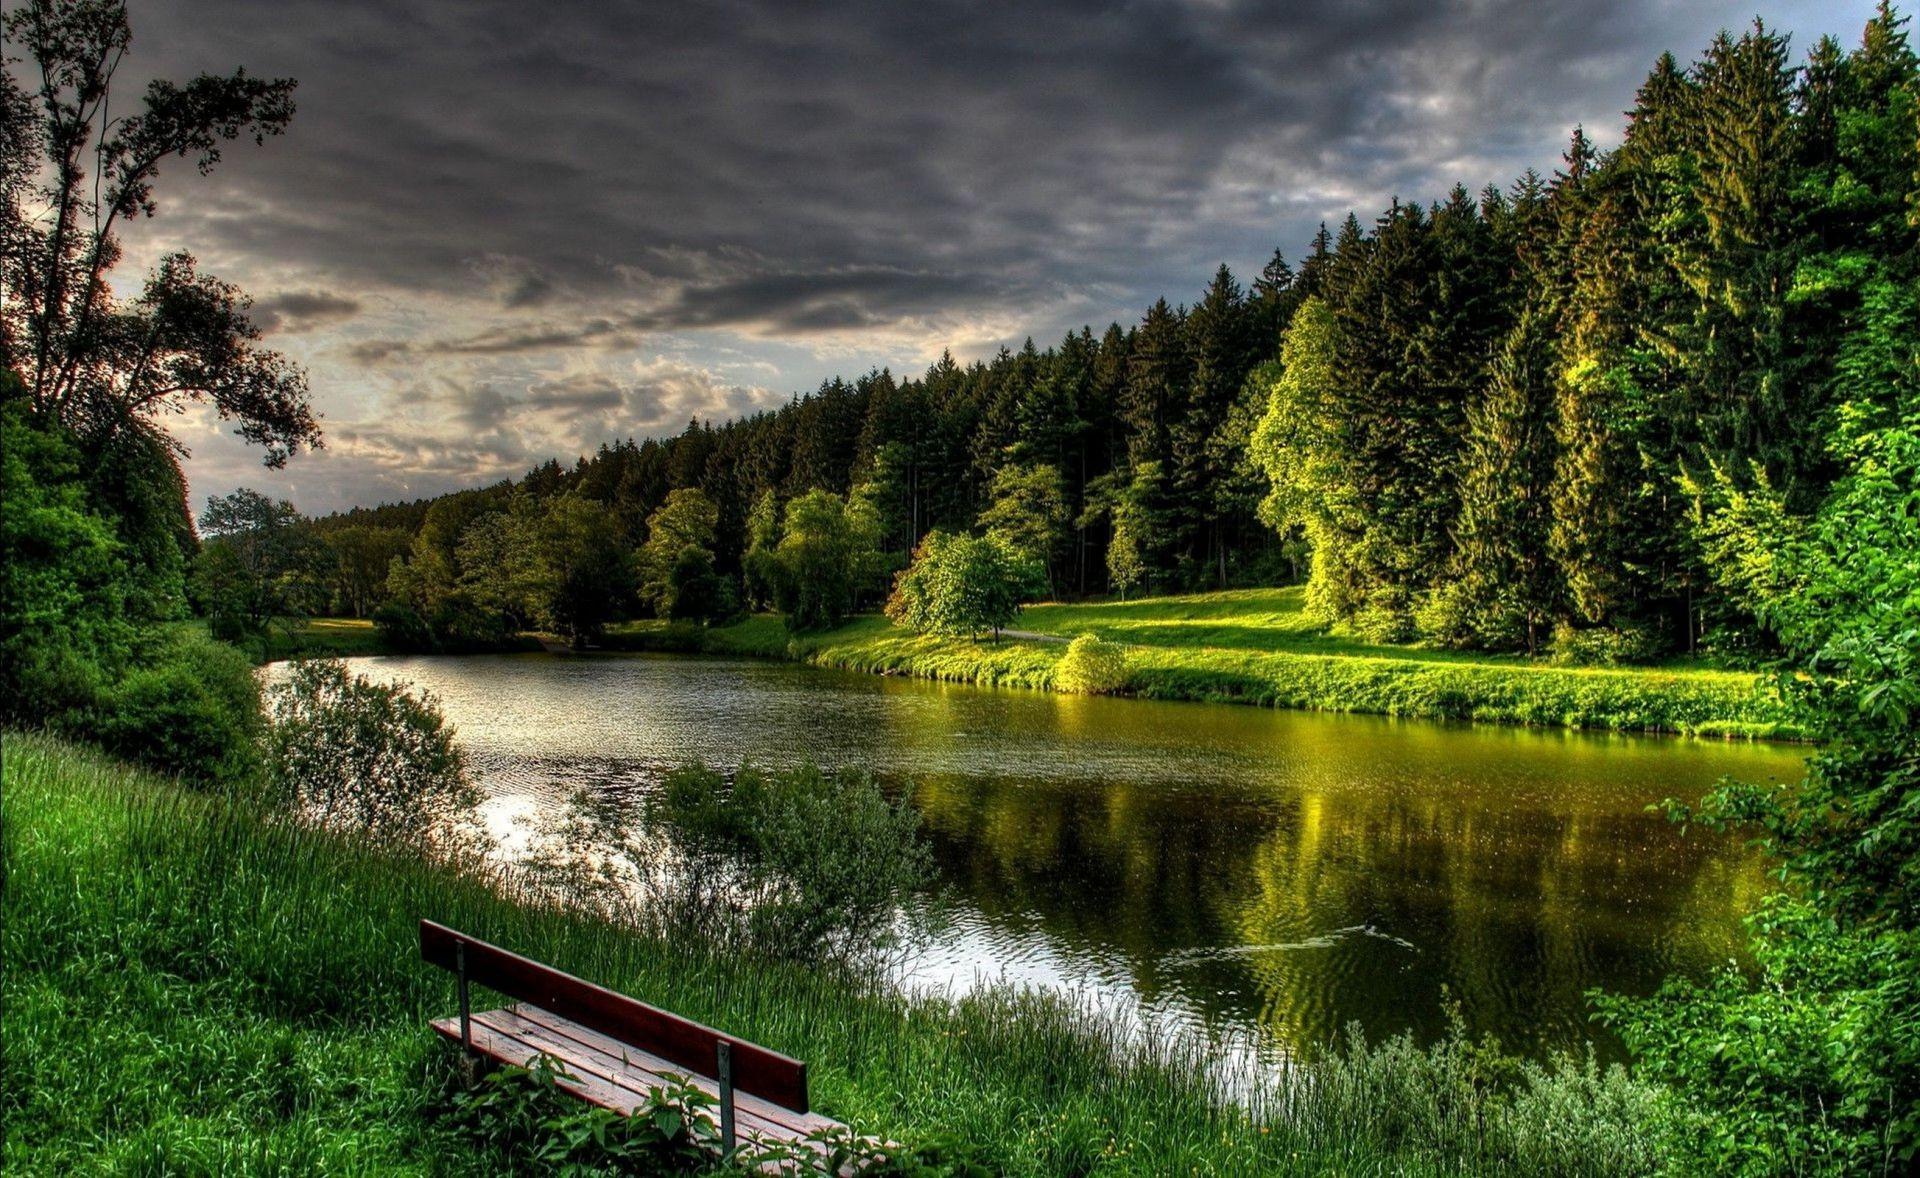 косметические картинки на рабочий стол речка и лес частности, яркой приметой